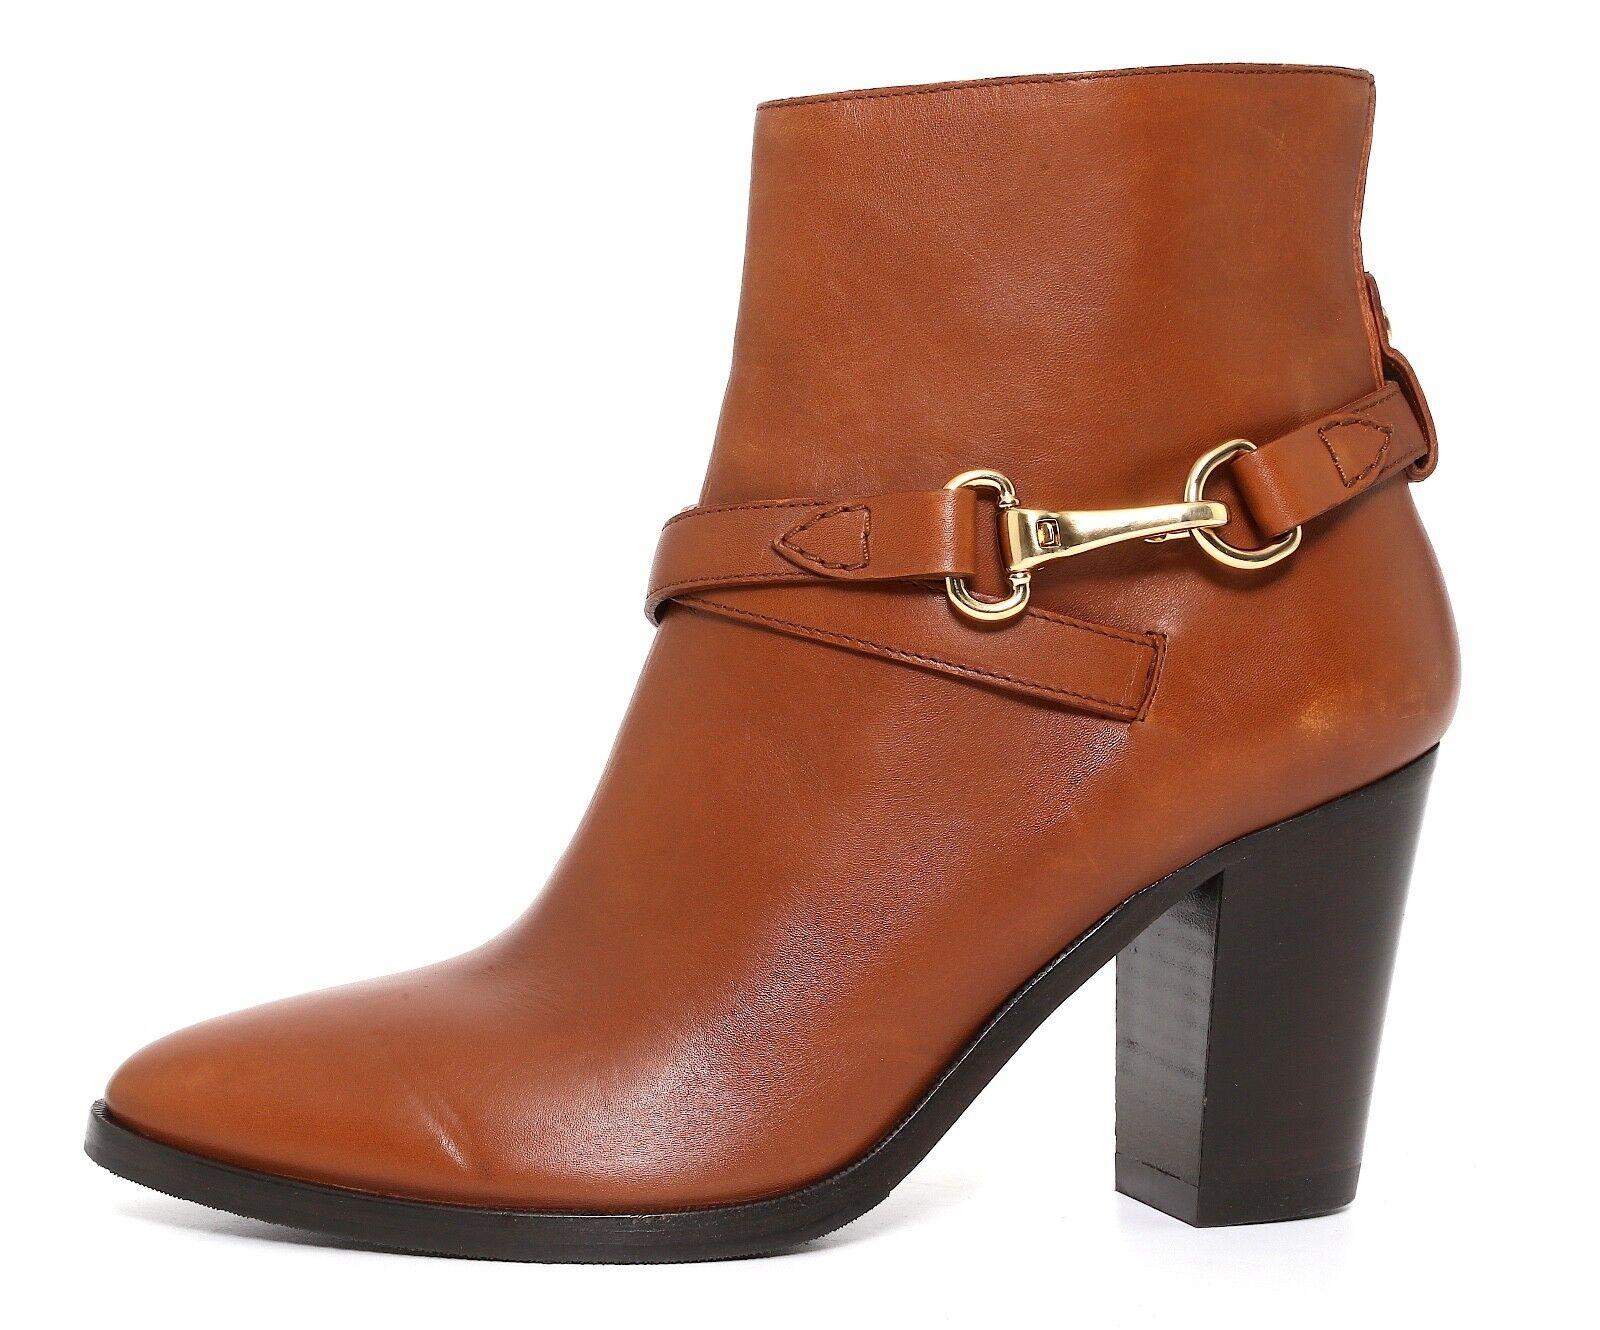 Burberry Side Zip Leather Bootie Brown Women Sz 39.5